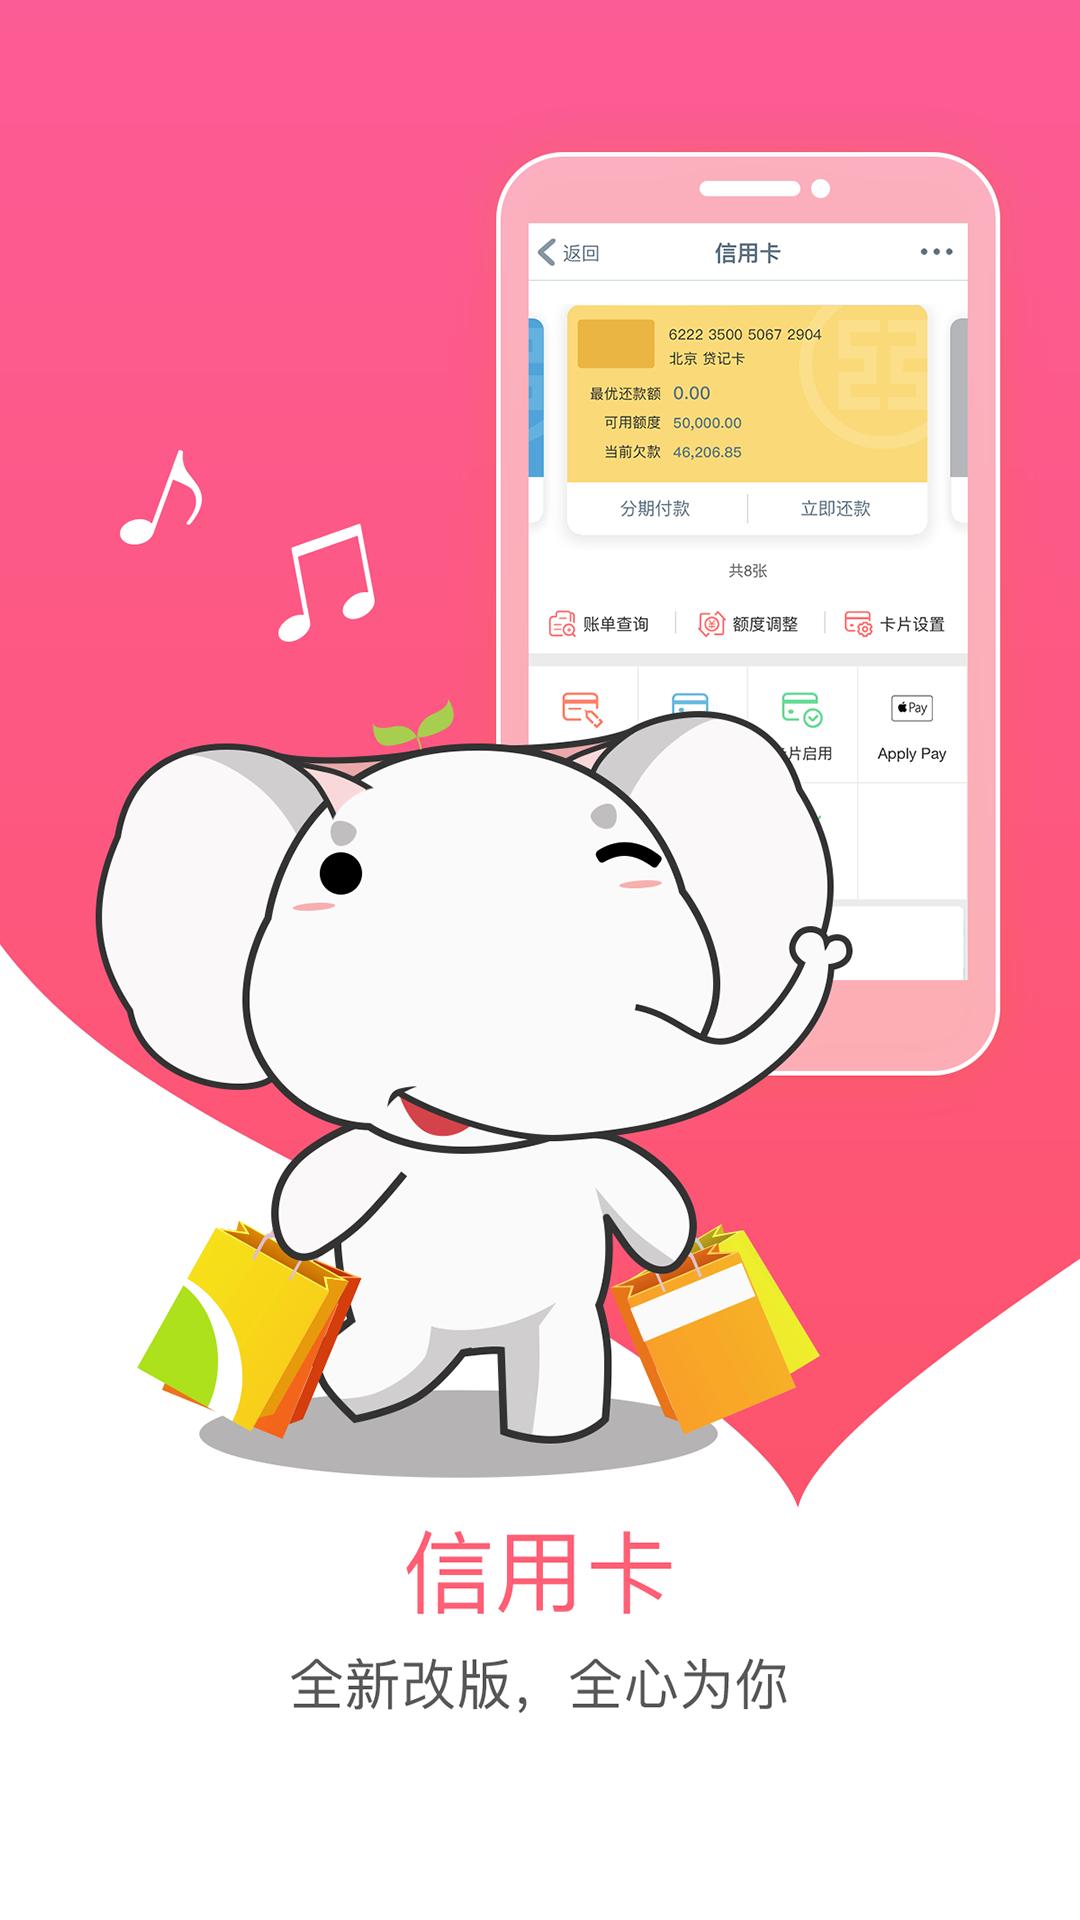 中国工商银行手机银行下载app客户端  v3.1.0.4.0图2